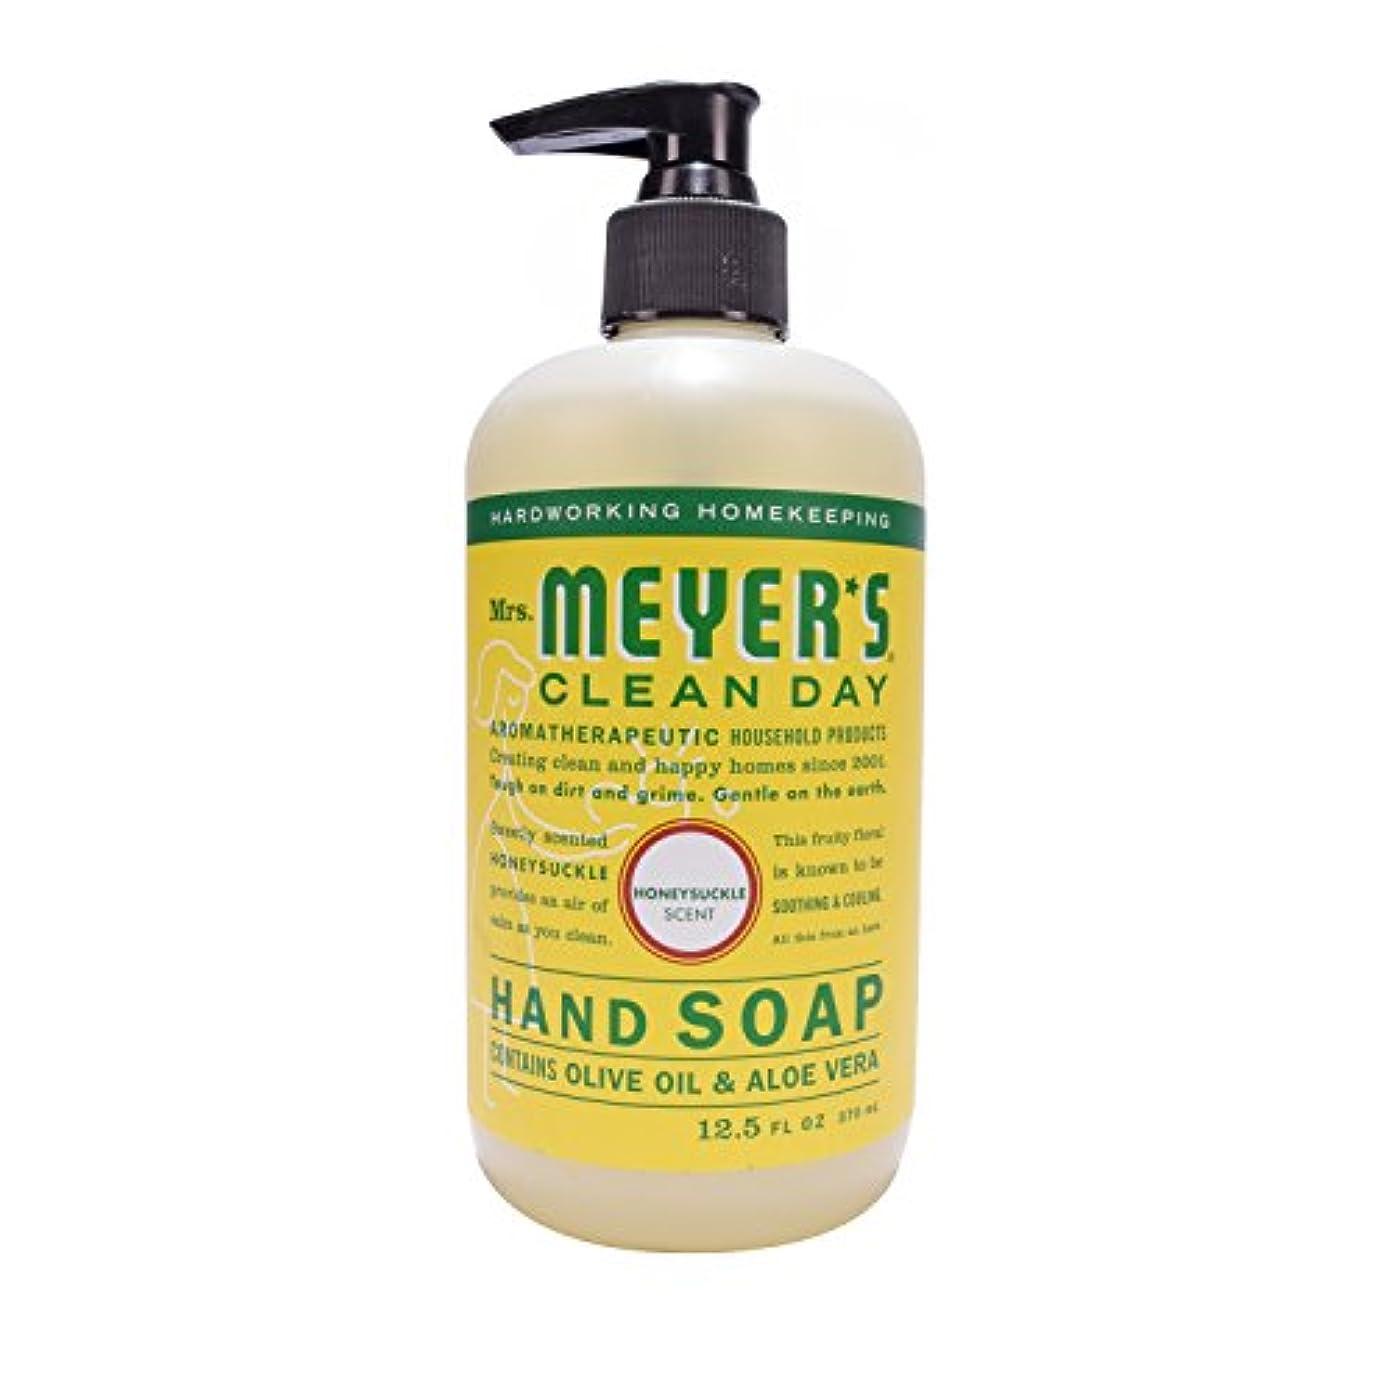 根絶する電気技師うぬぼれたMrs. Meyer's Clean Day Hand Soap Liquid, Honeysuckle, 12.5-Fluid Ounce Bottles by Mrs. Meyer's Clean Day